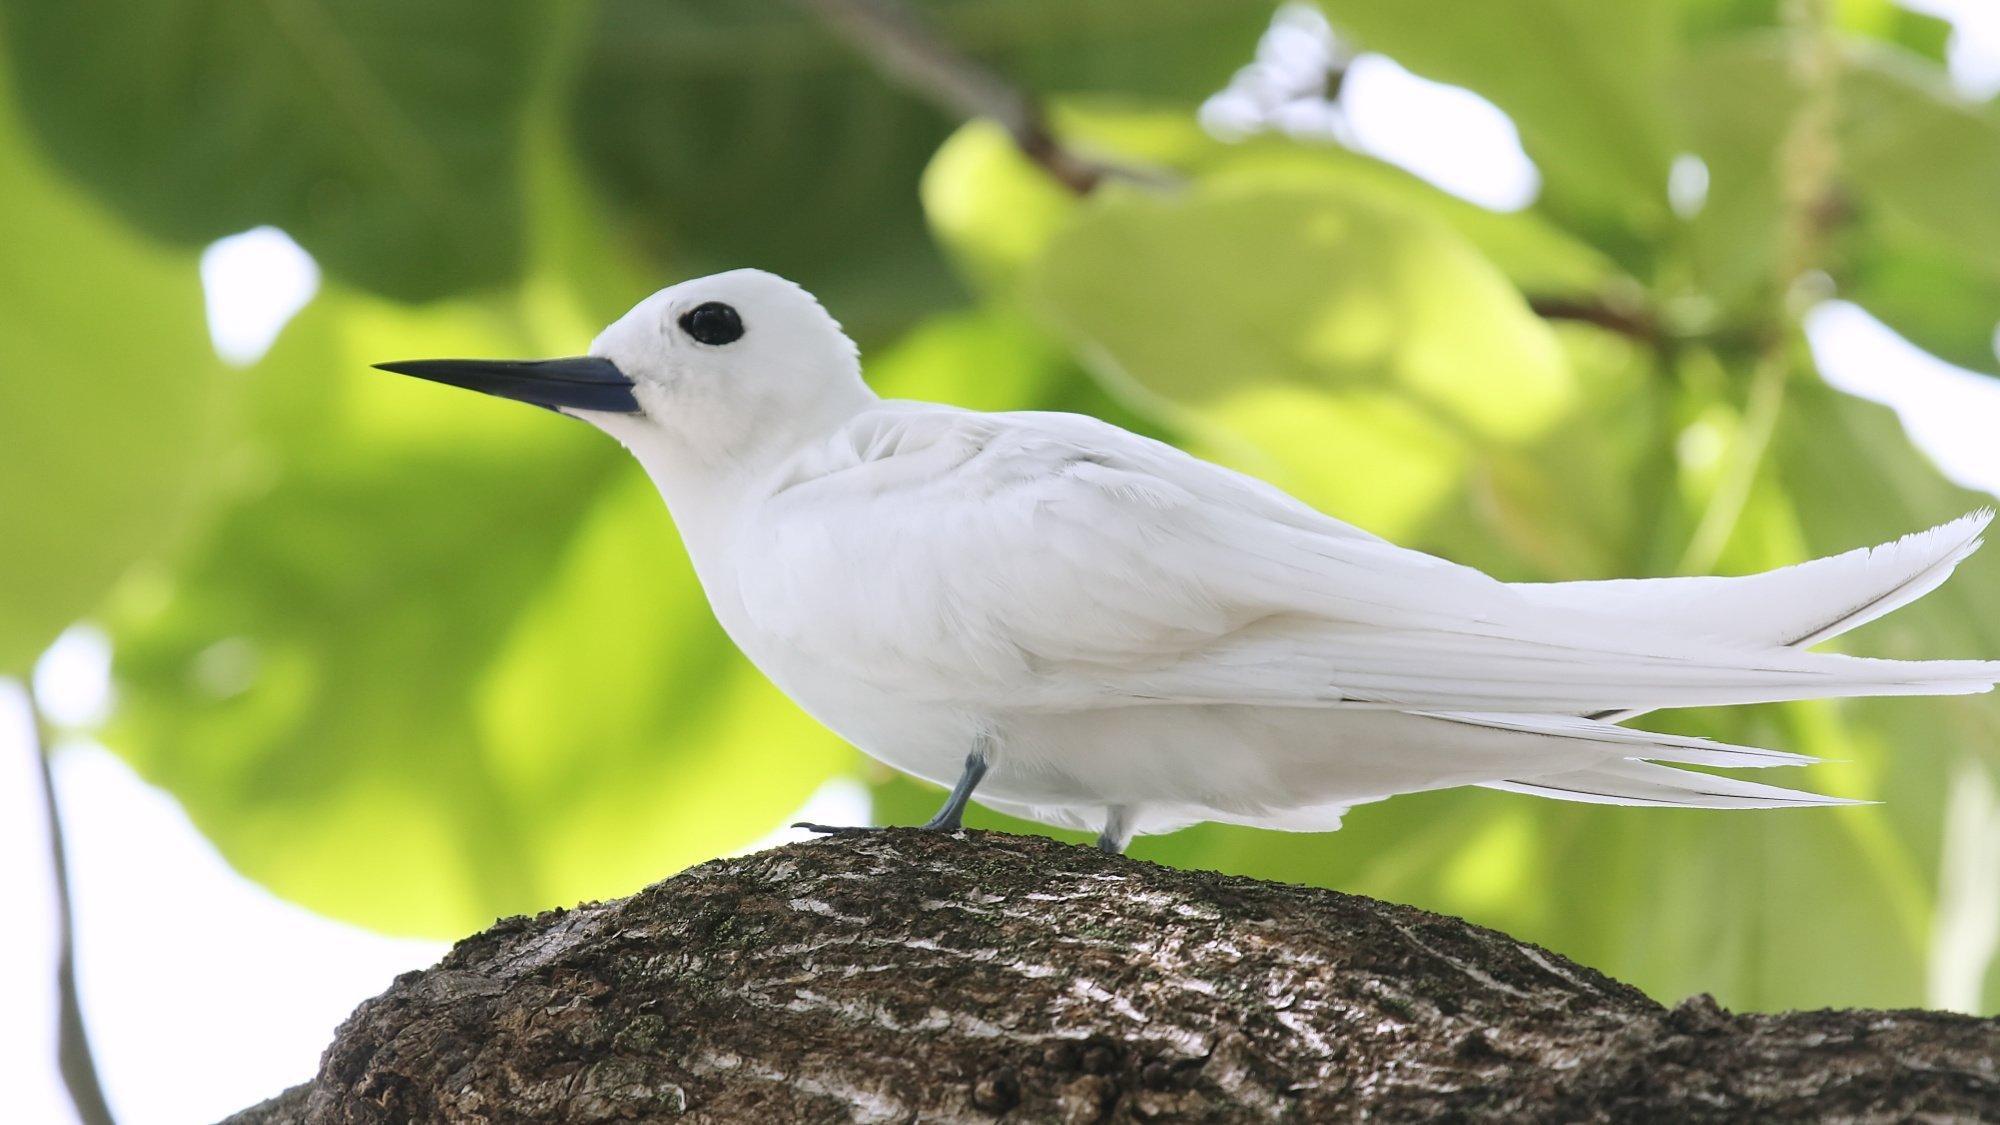 Ein weißer Vogel mit blauschwarzem Schnabel sitzt auf einem Ast vor grünen Blättern im Hintergrund.